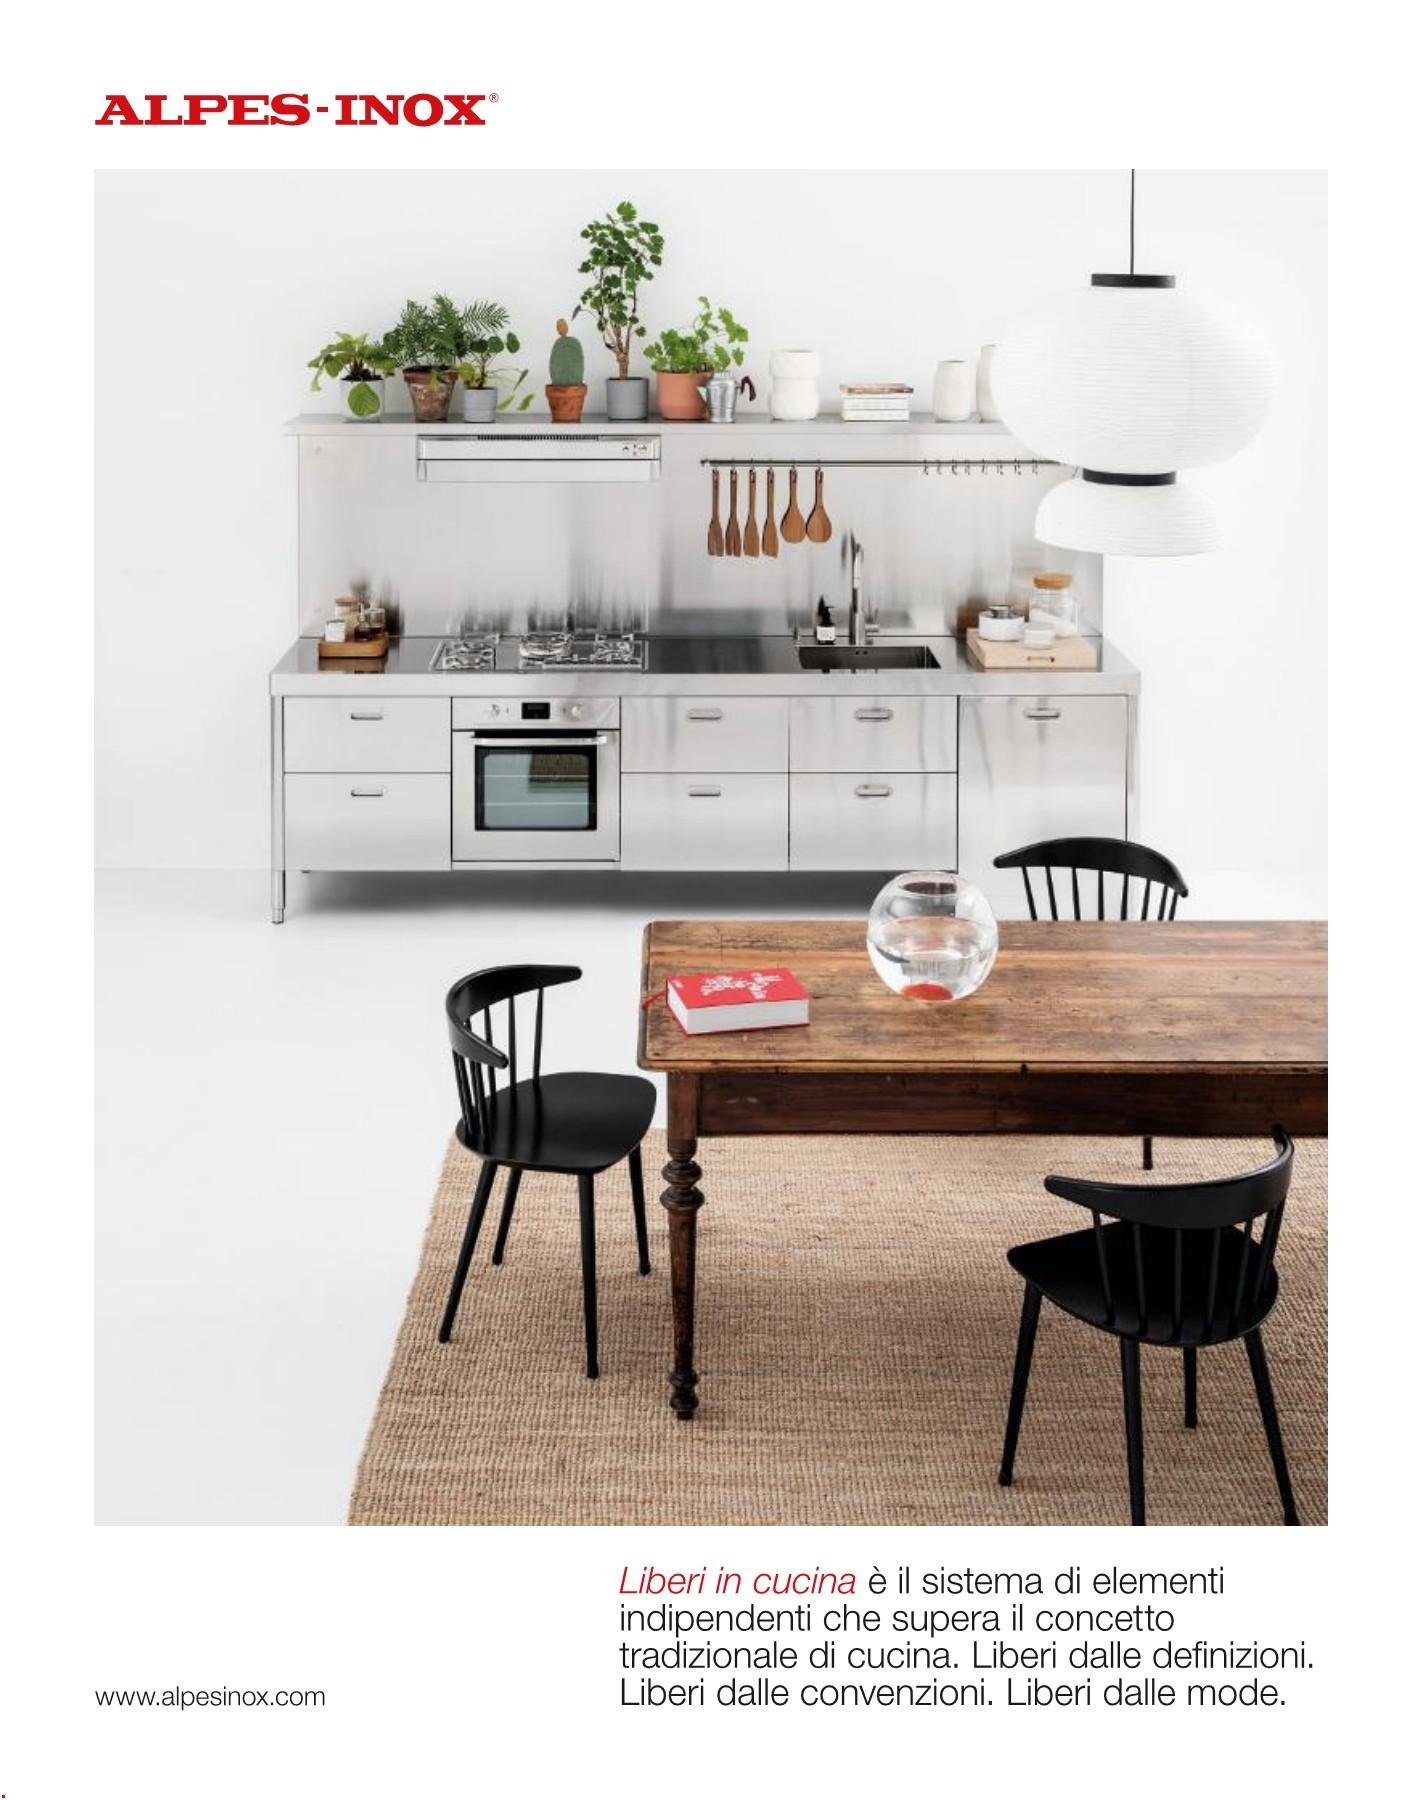 Spostare La Cucina Sul Balcone interni italia_agosto 2019-flip book pages 151-200 | pubhtml5